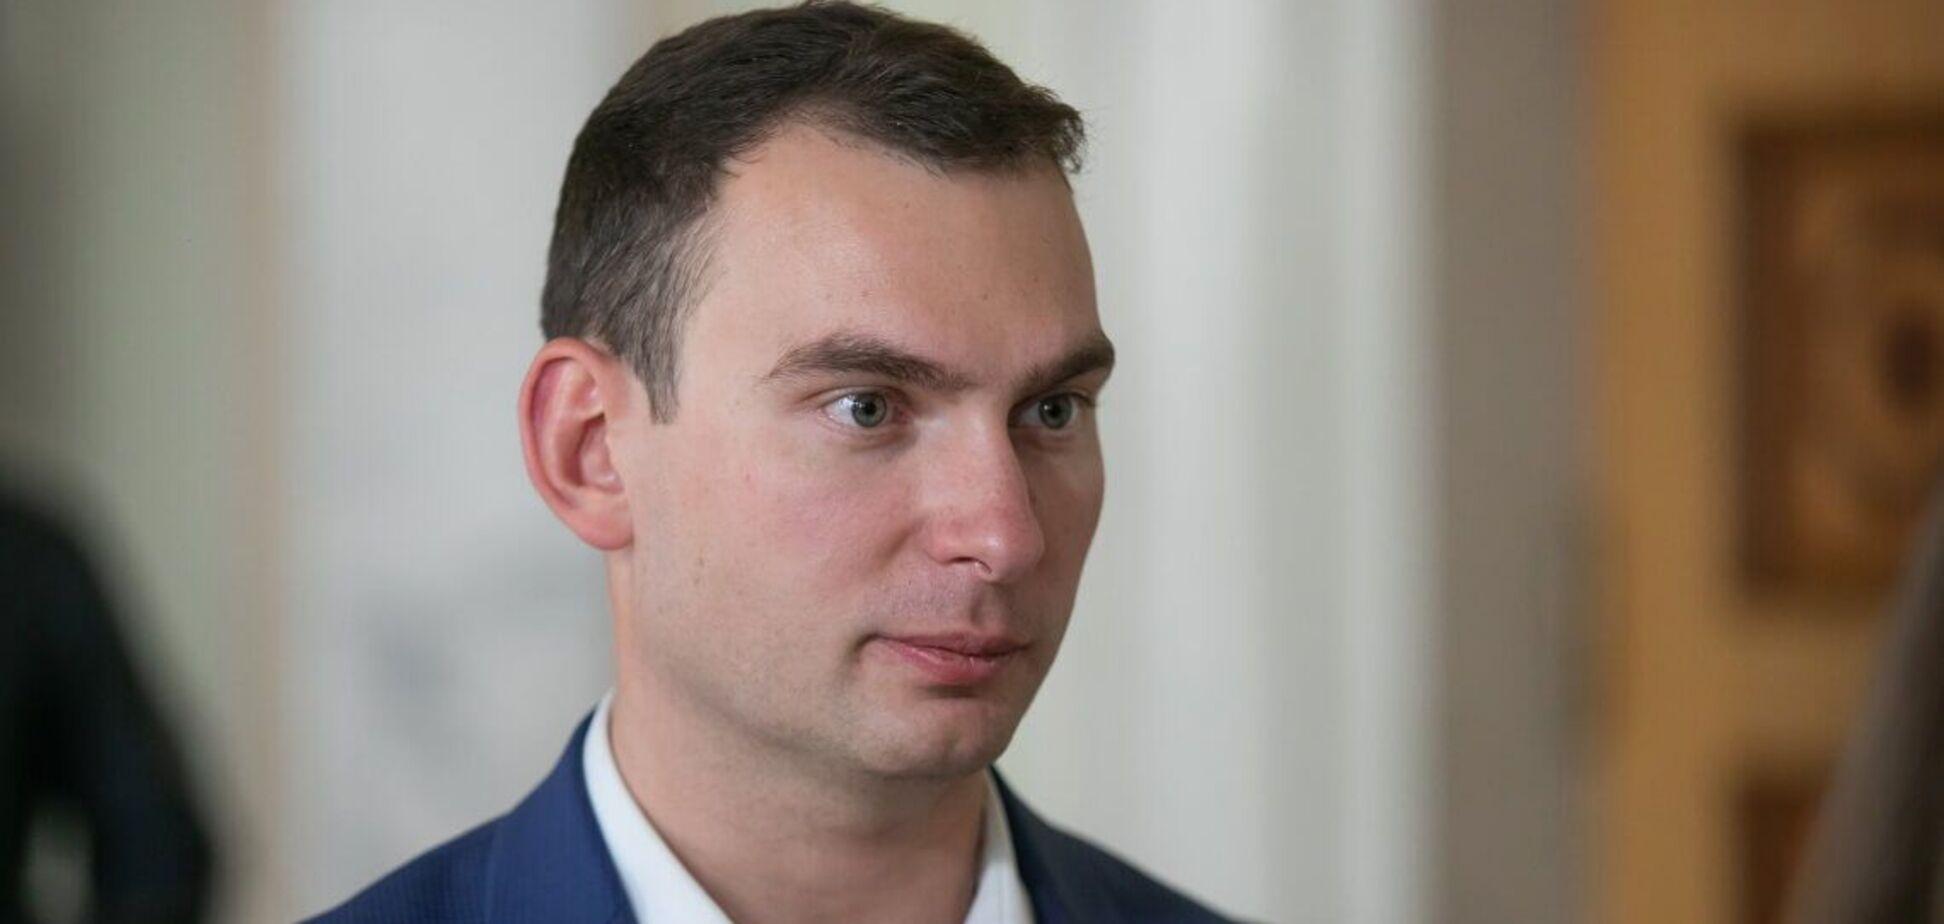 Железняк заявил, что поправки в госбюджет угрожают закону о языке